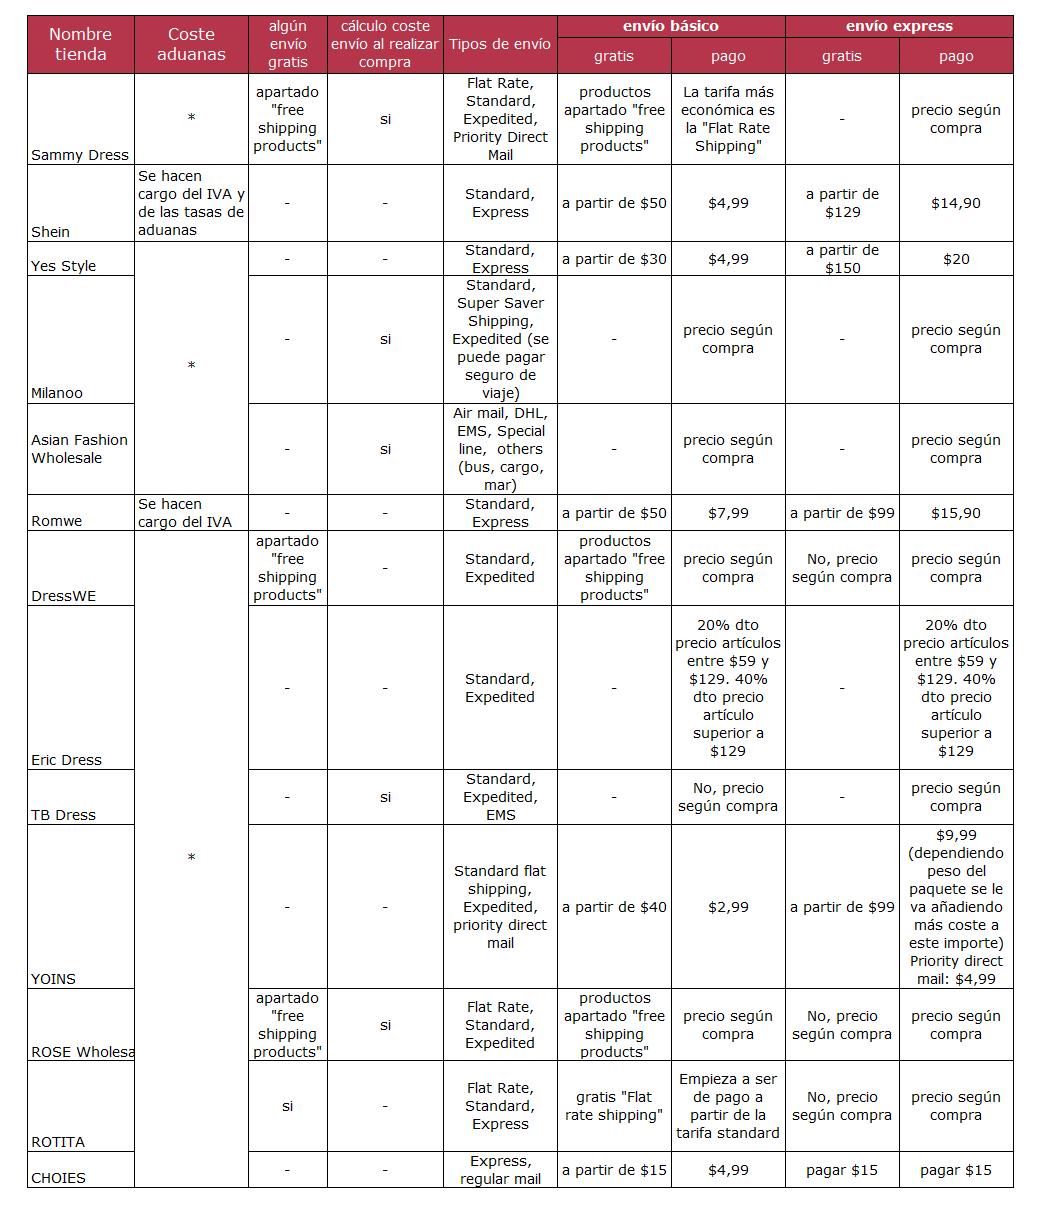 Costes de envío de las distintas tiendas de ropa china online